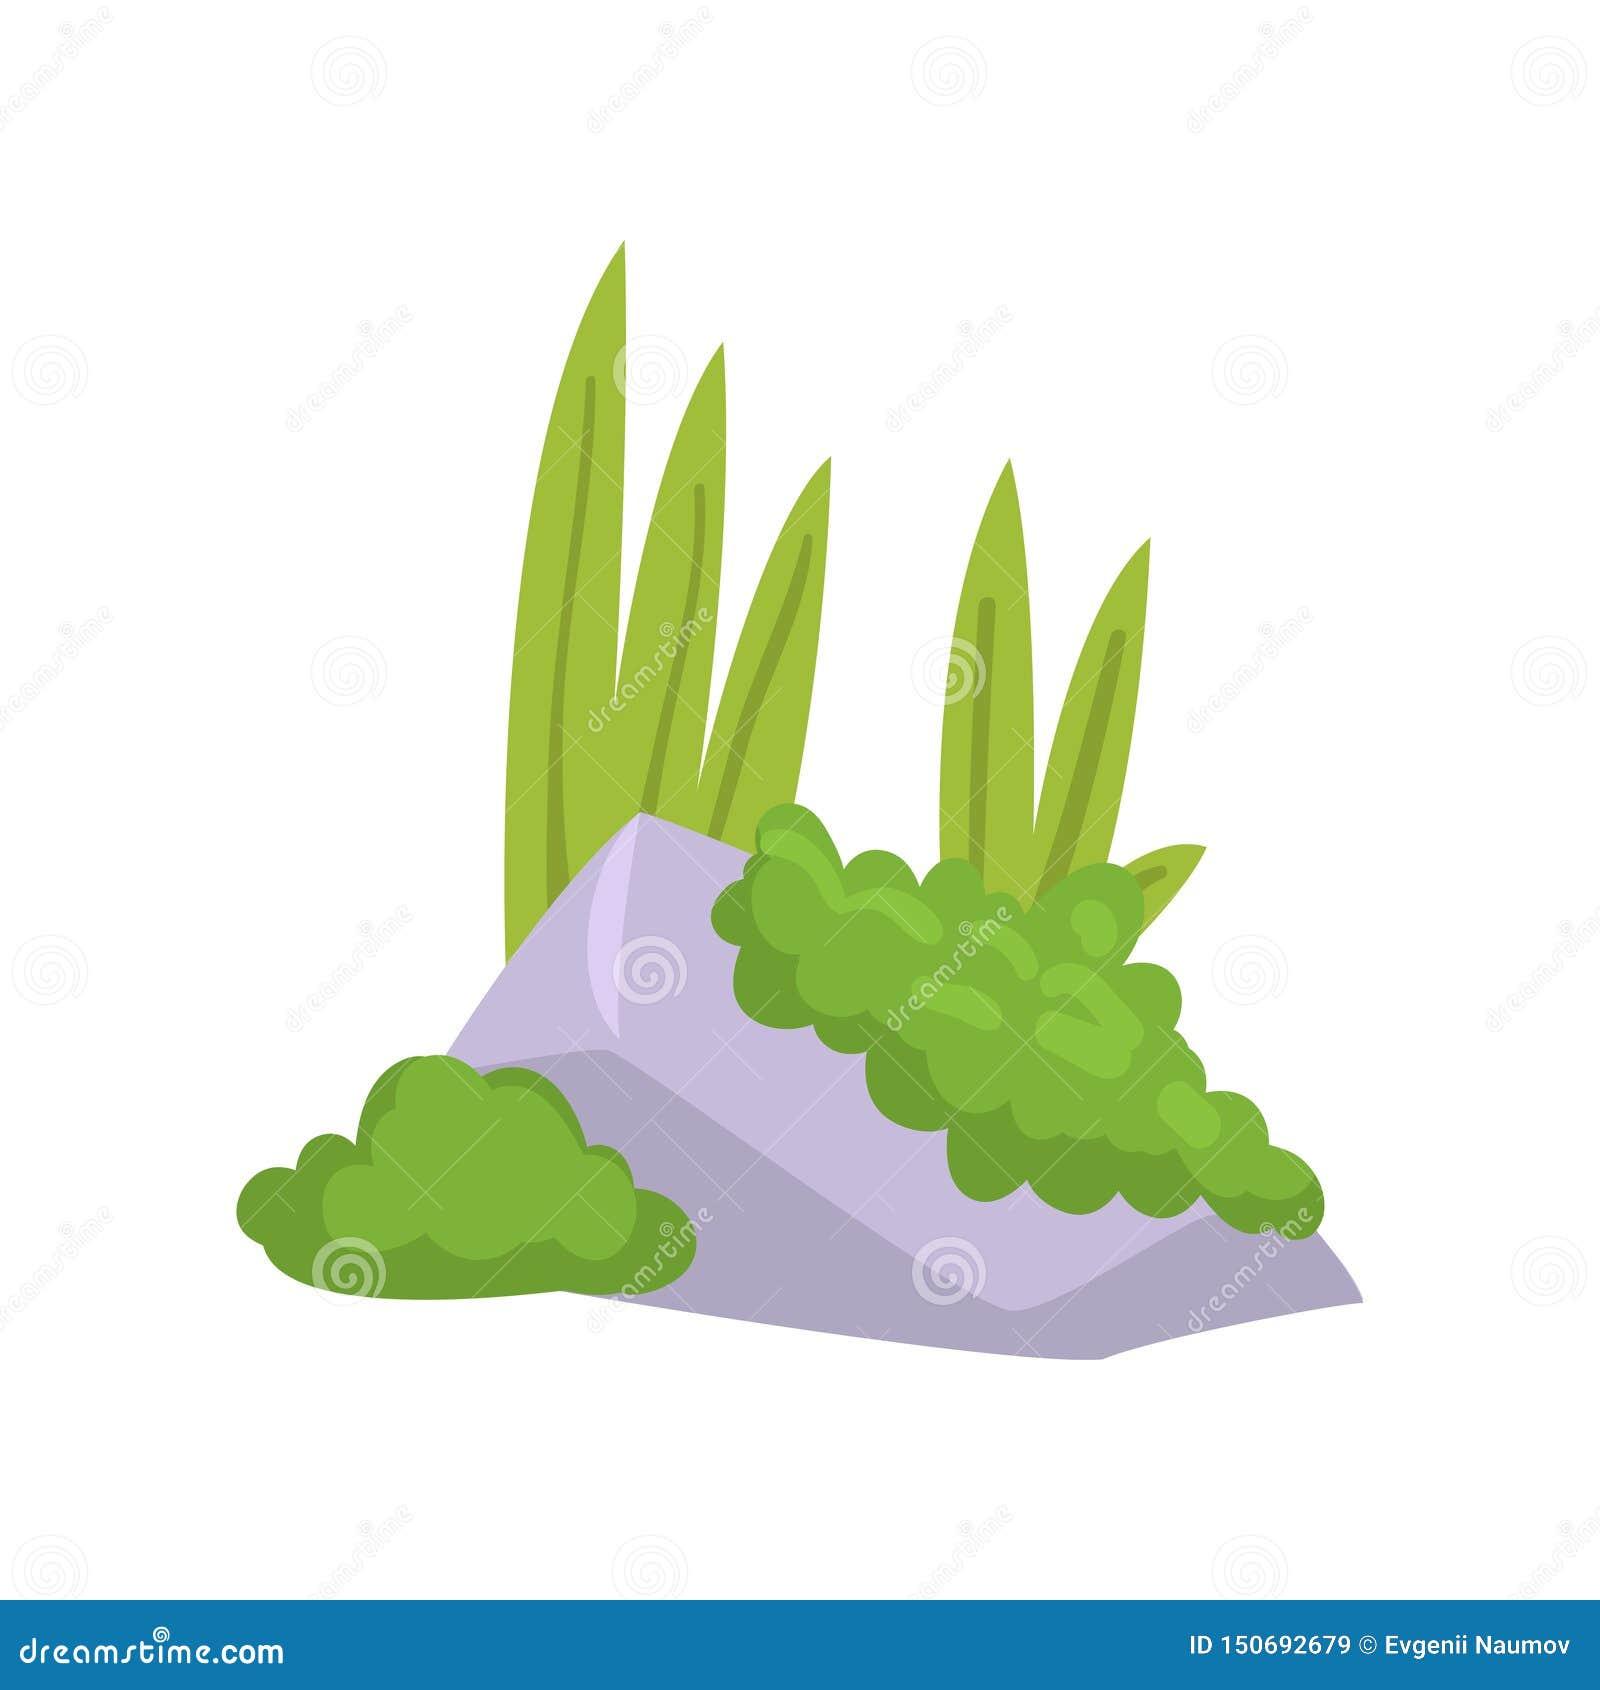 Felsen-Granit-Stein mit Moos und grünem Gras, Naturlandschafts-Gestaltungselement-Vektor-Illustration